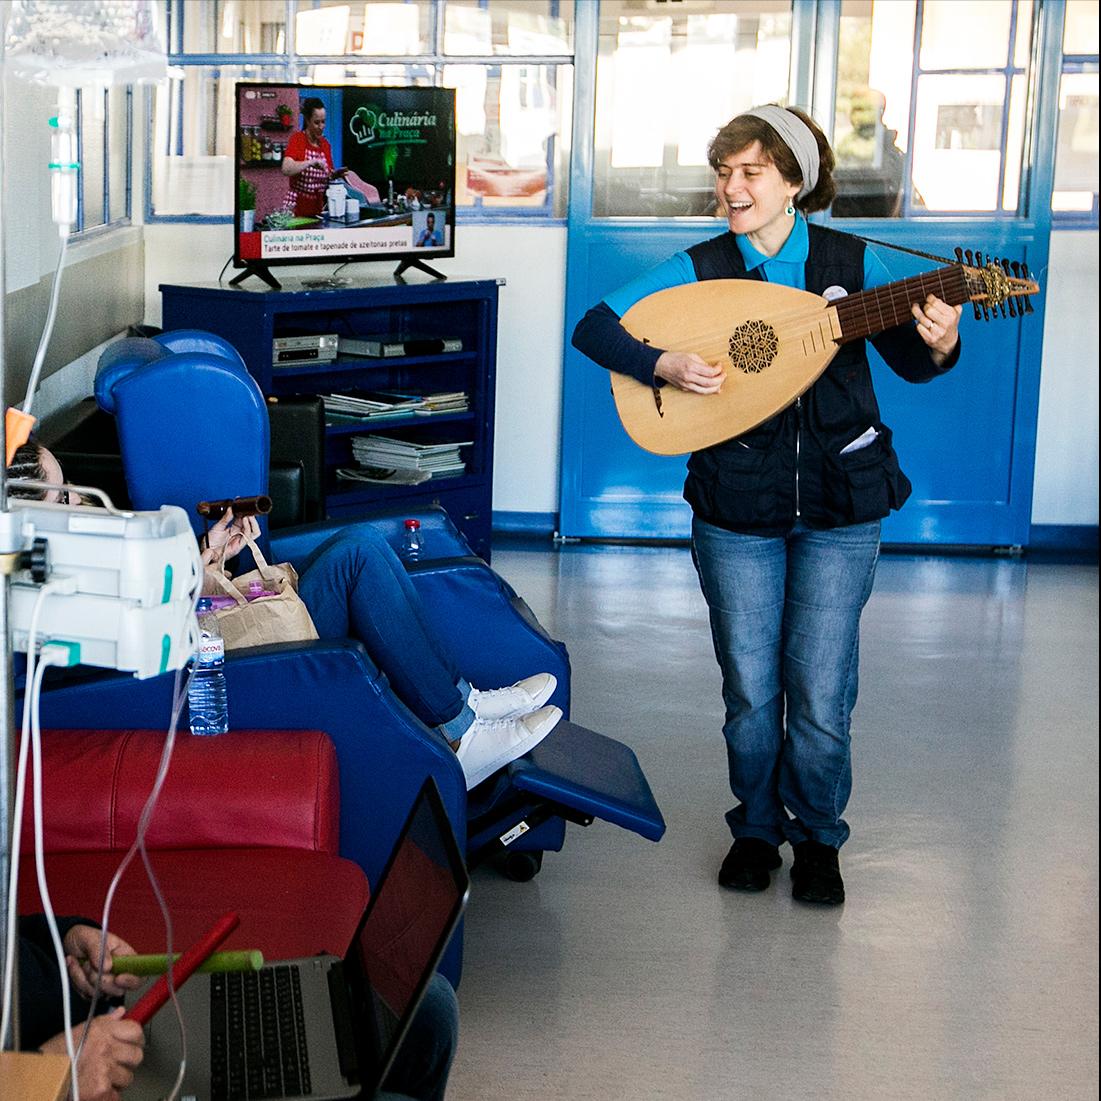 Voluntariado-musica-nos-hospitais